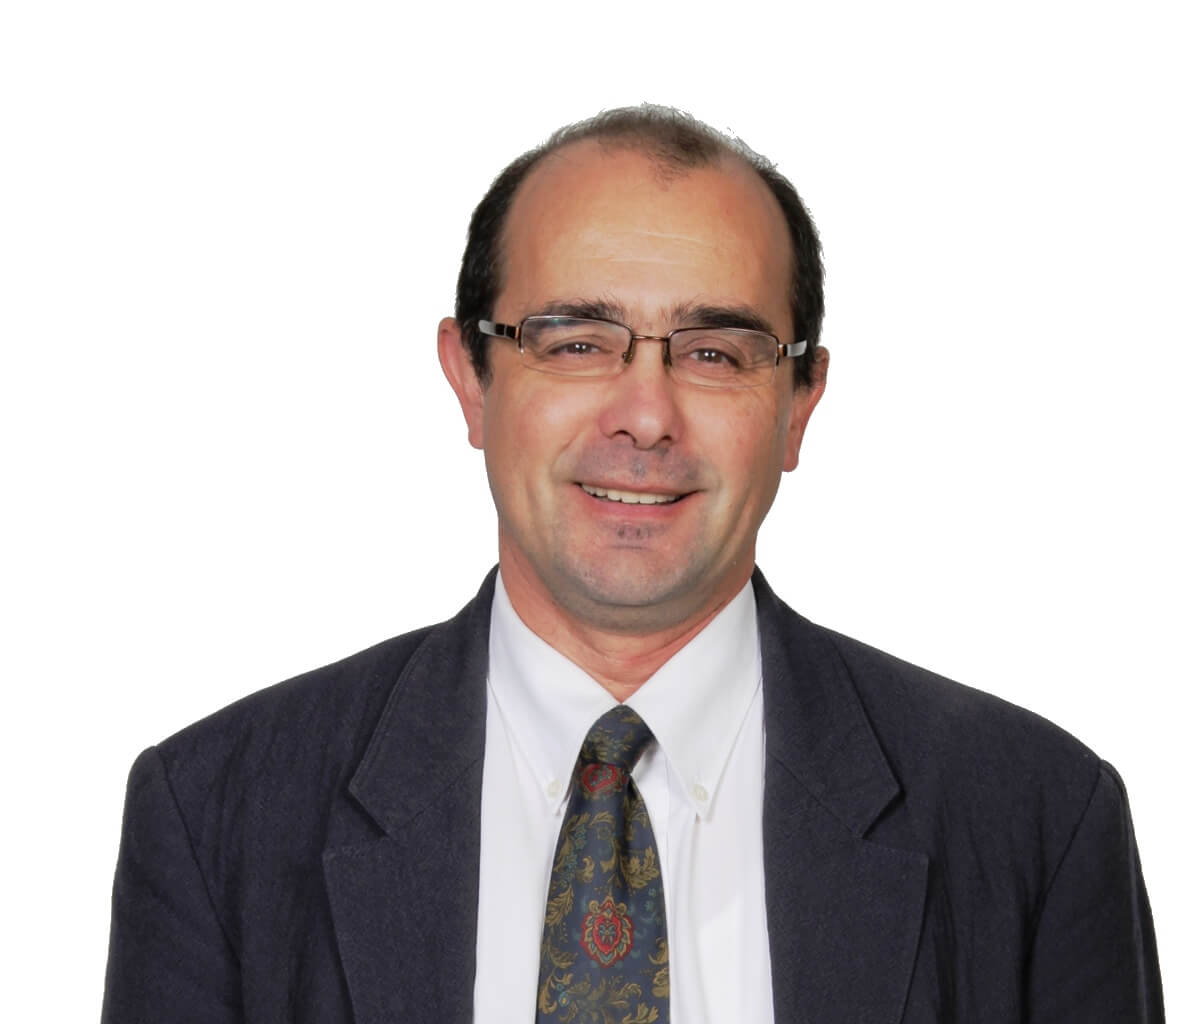 JESUS MARIA DE HOYOS ANDRES